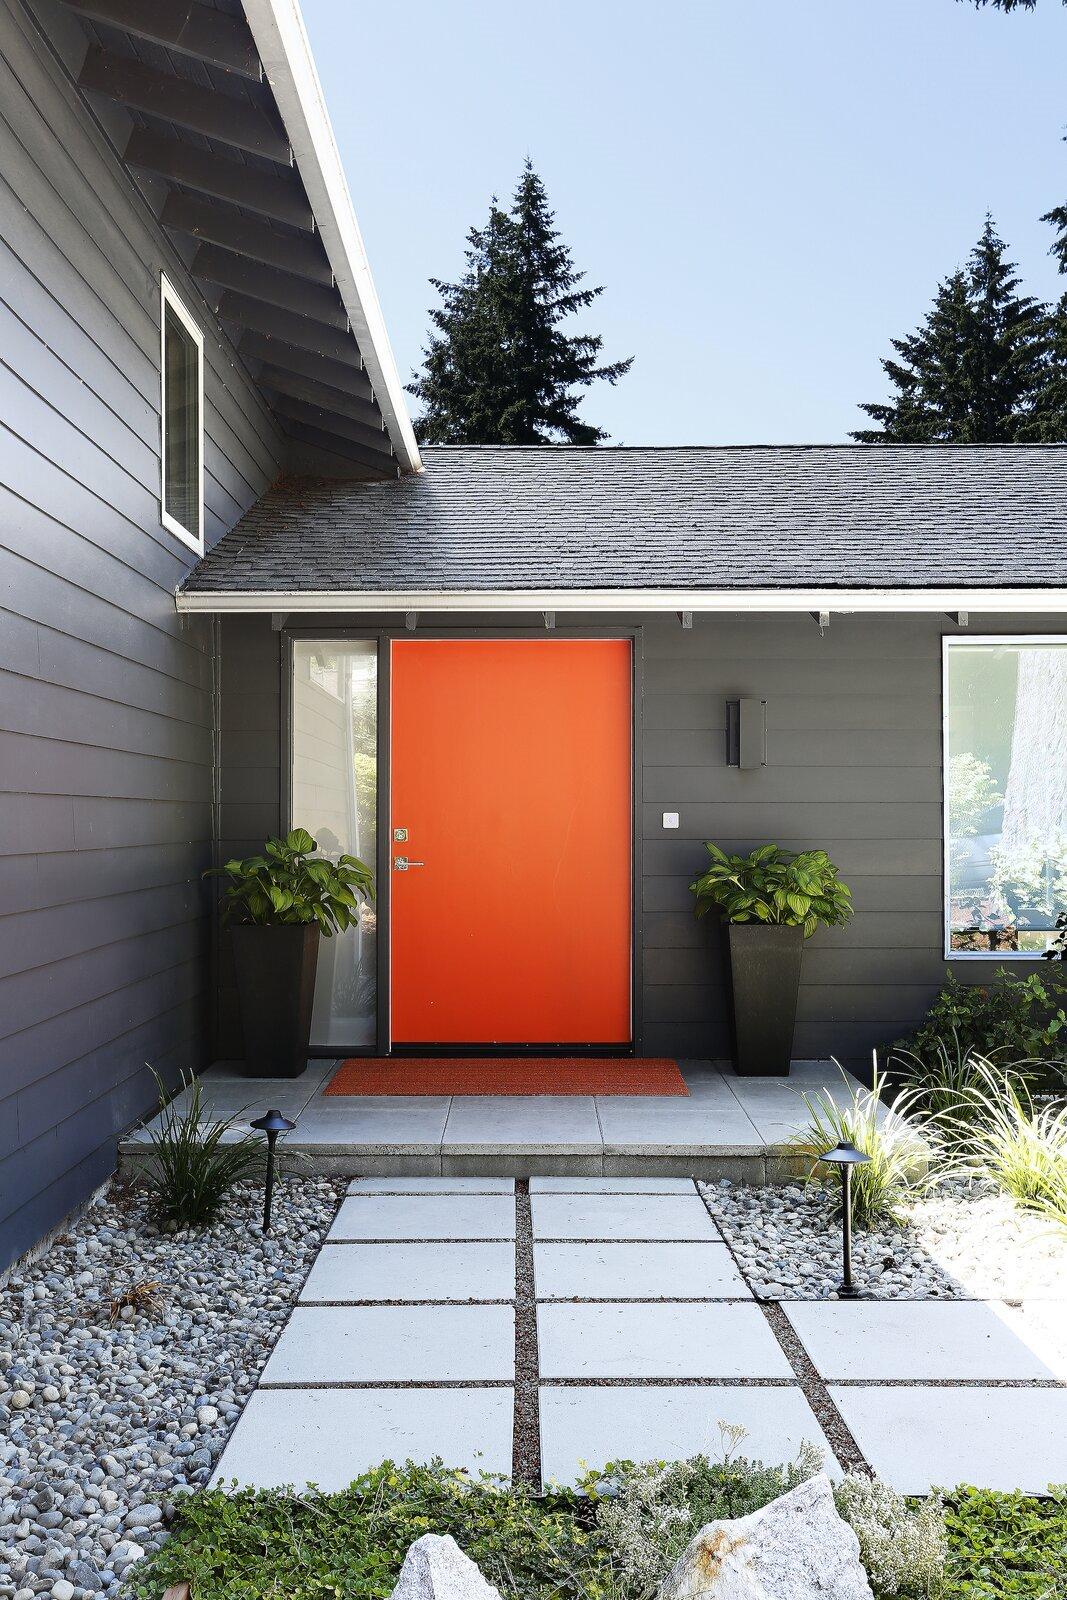 casa contenedores puerta naranja